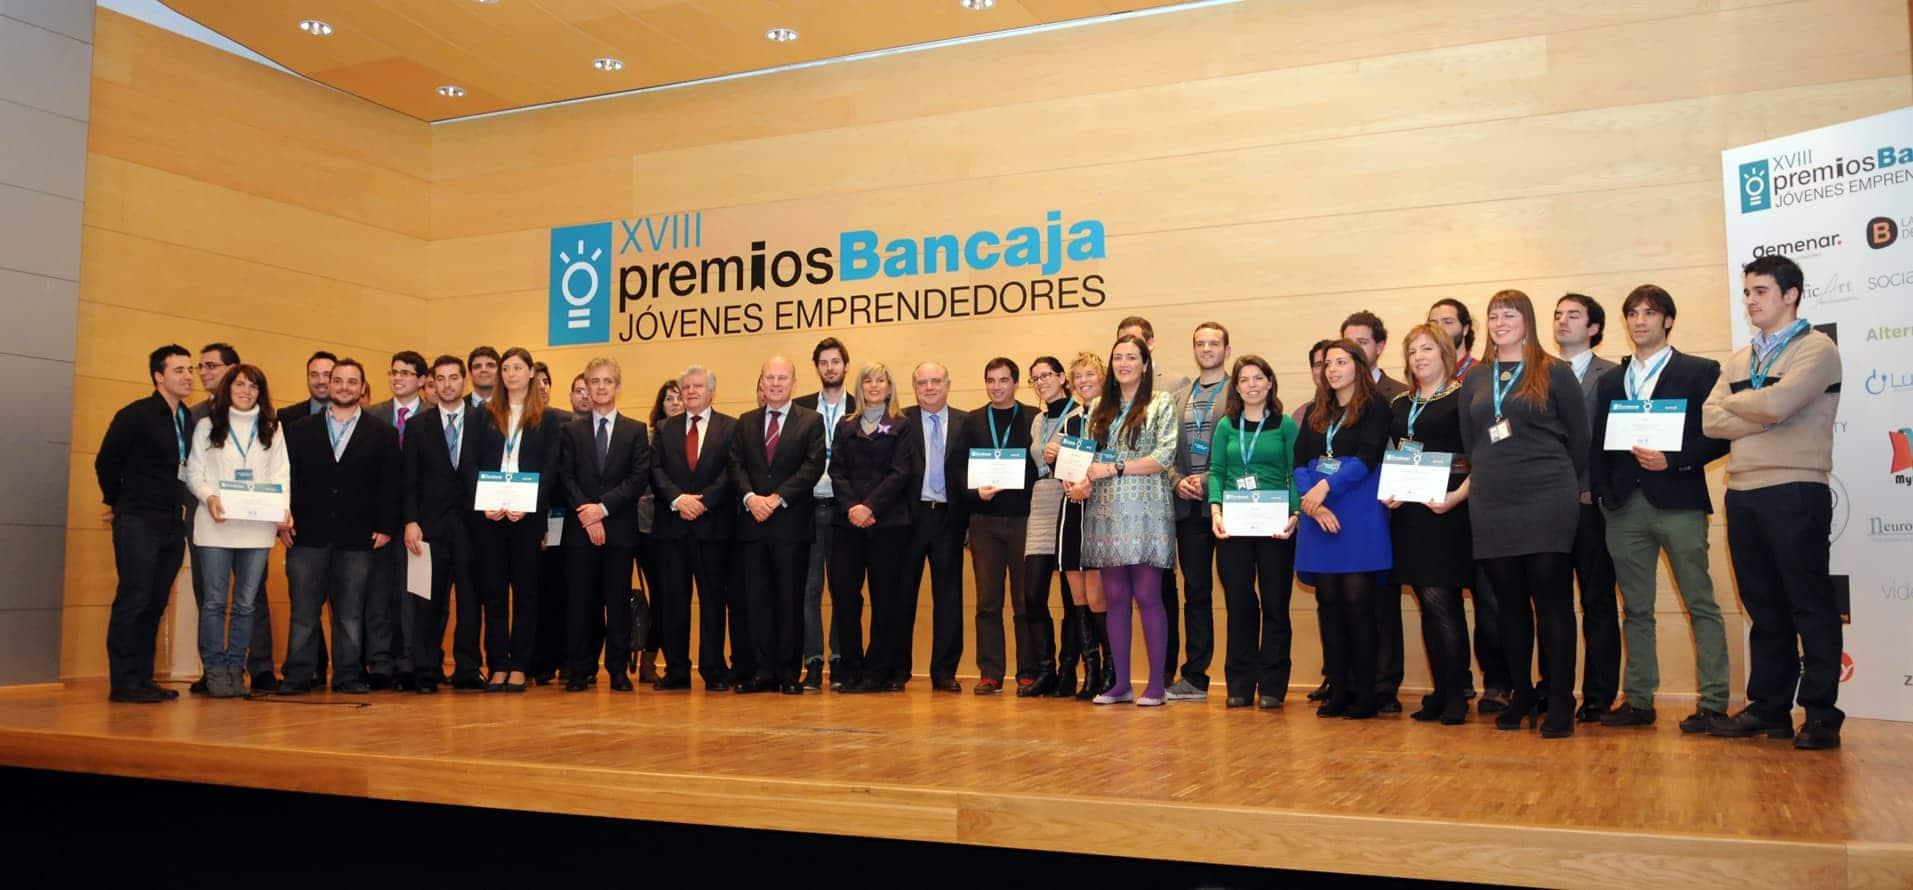 Alfredo R. Cebrián de Cuatroochenta, el primero por la derecha, en la foto de familia de los galardonados de los XVIII Premios Bancaja Jóvenes Emprendedores.